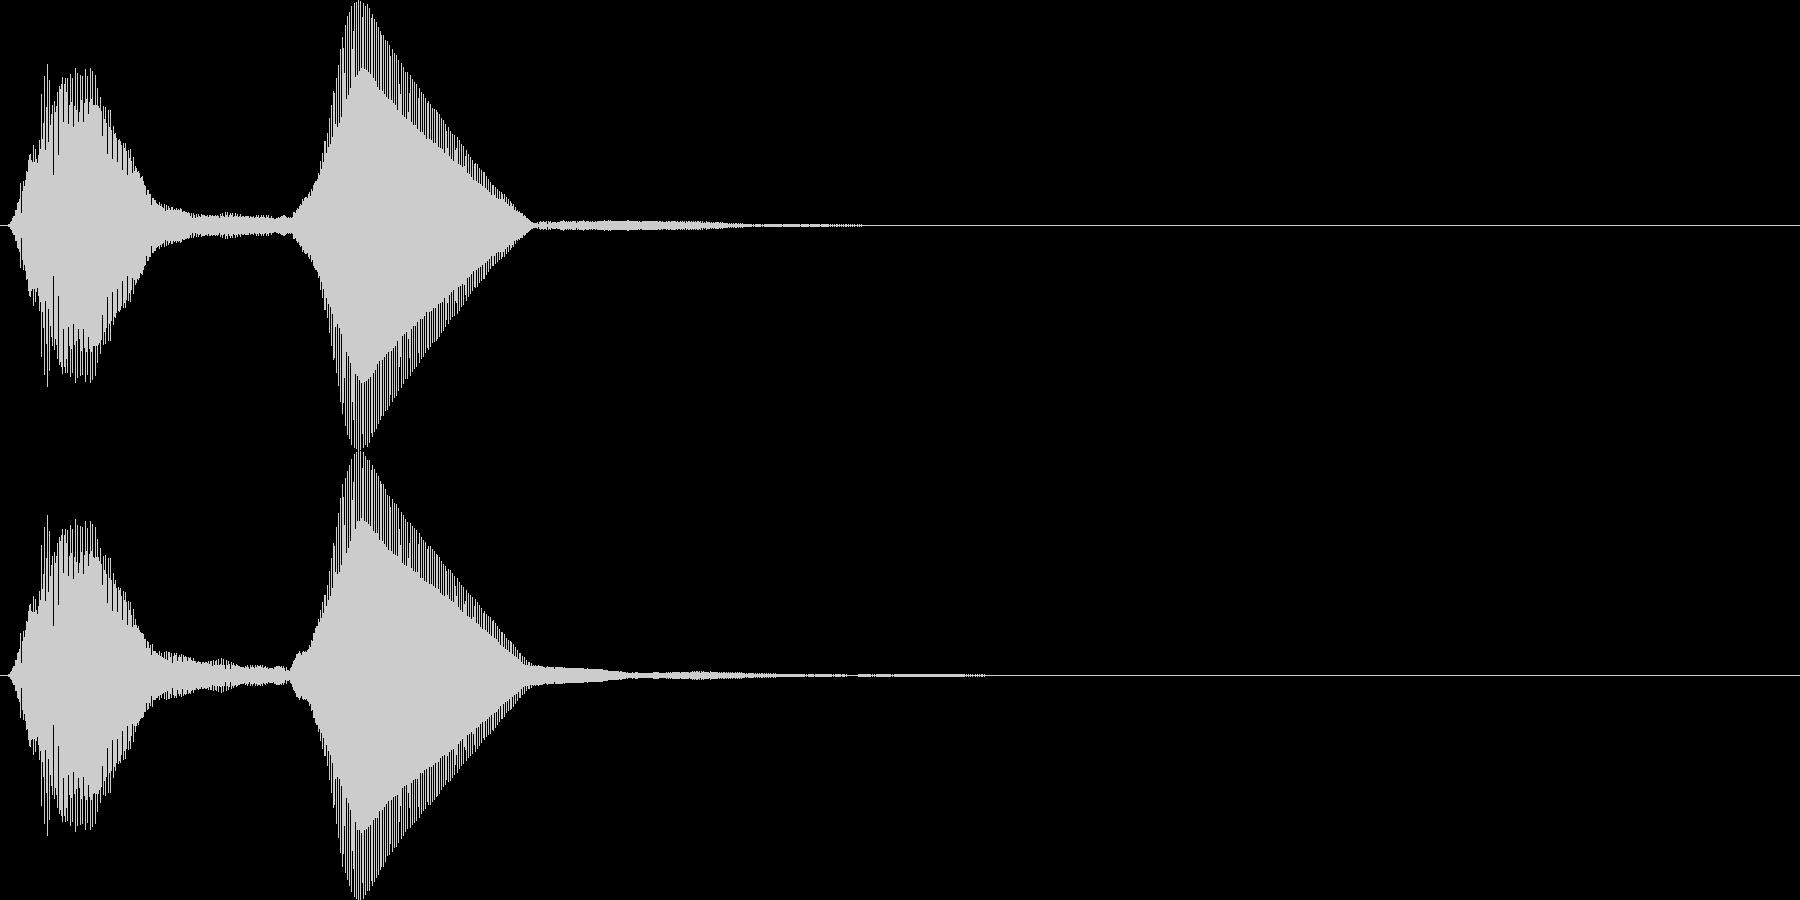 パフ。パフパフラッパC(高・単発)の未再生の波形